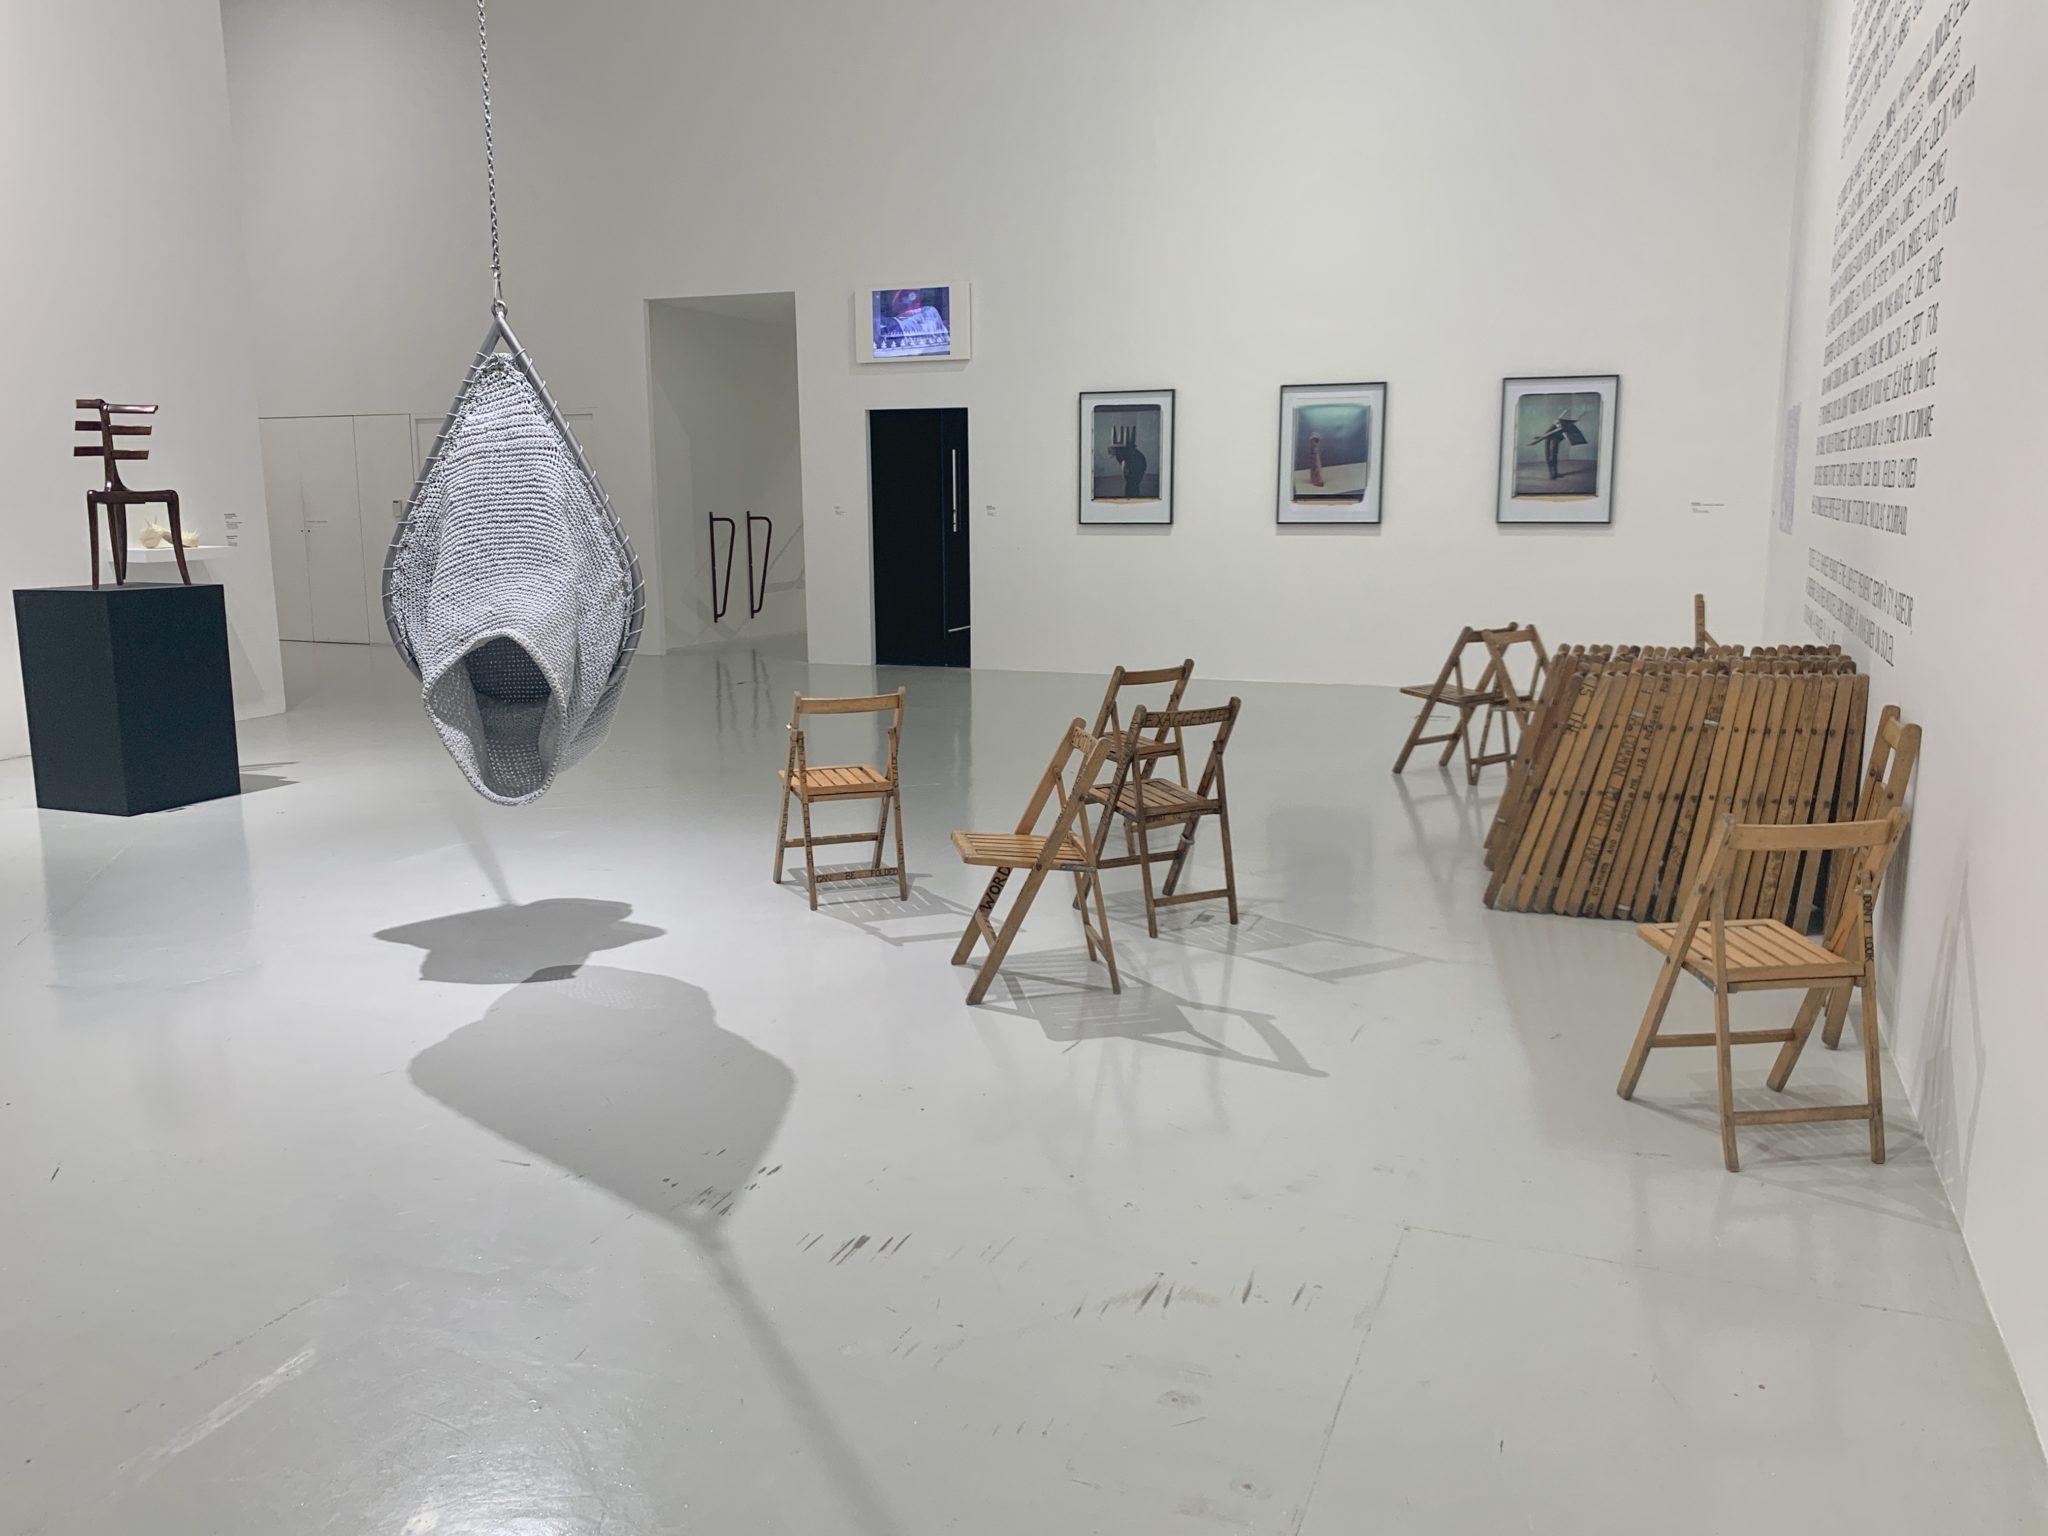 Vue de l'exposition «Dancing Machine», Frac Besançon, courtesy artvisions2020